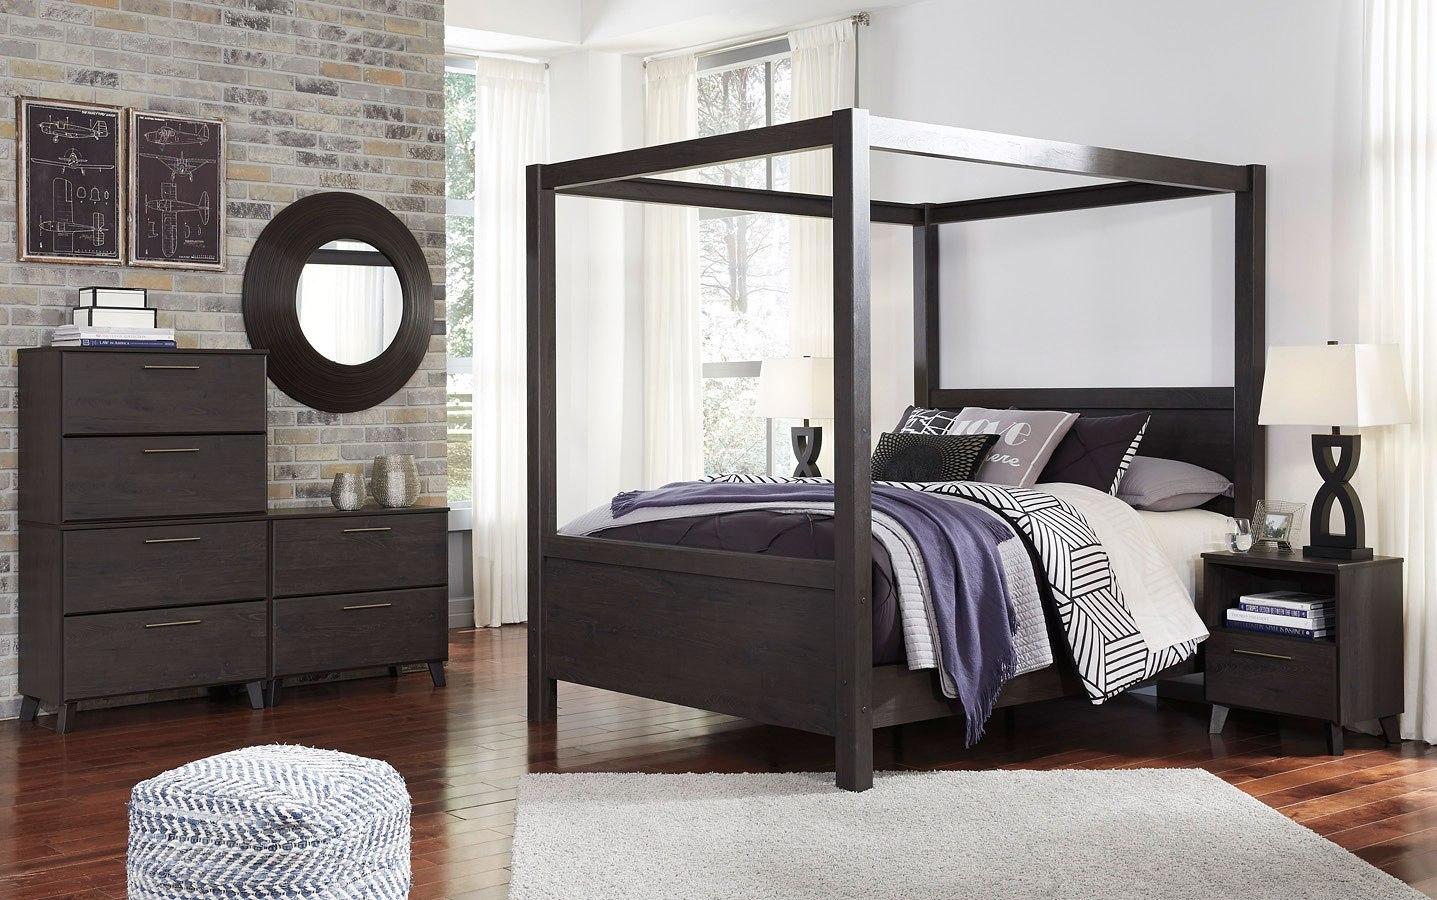 daltori canopy bedroom set - Canopy Bedroom Sets